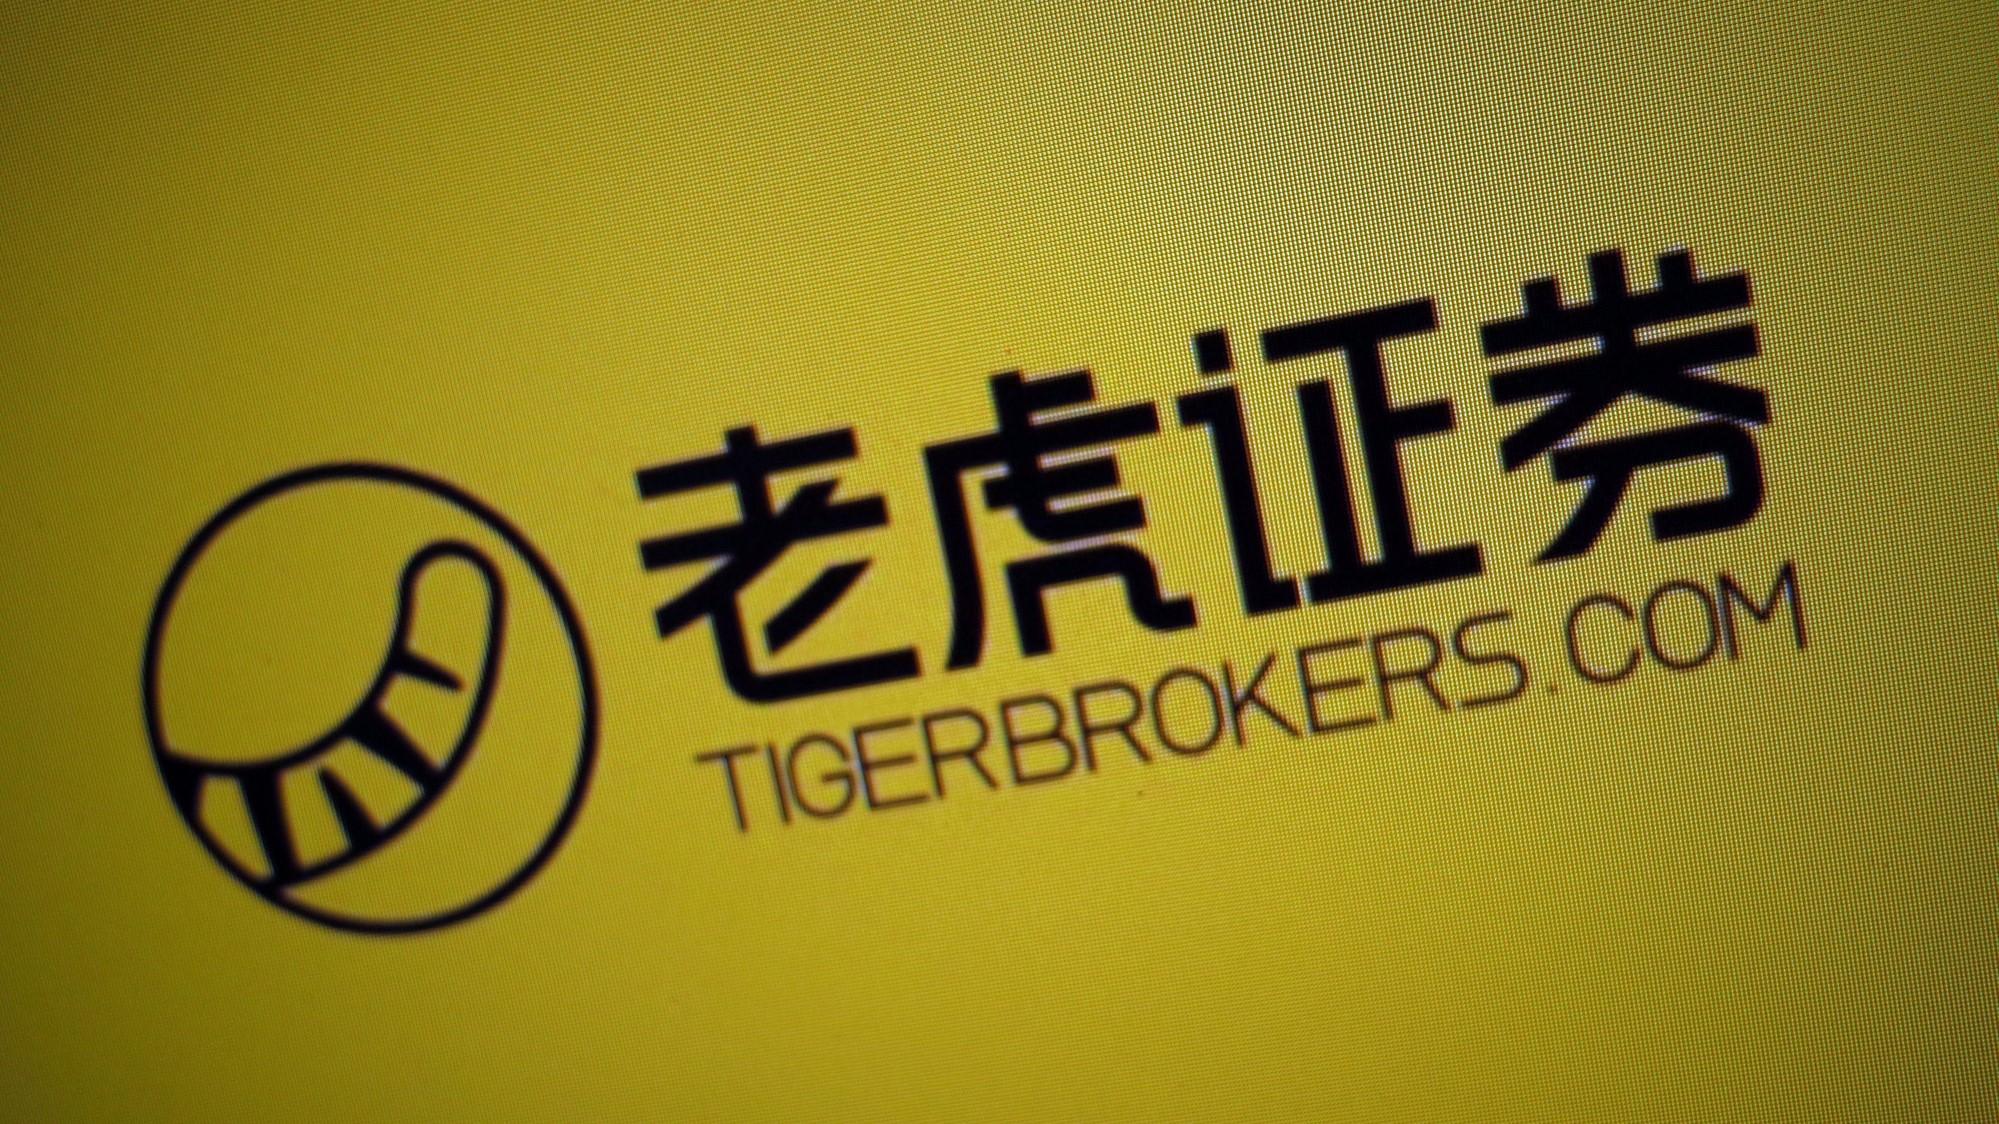 老虎证券赴美IPO:3年交易规模突破万亿,小米与王兴为股东